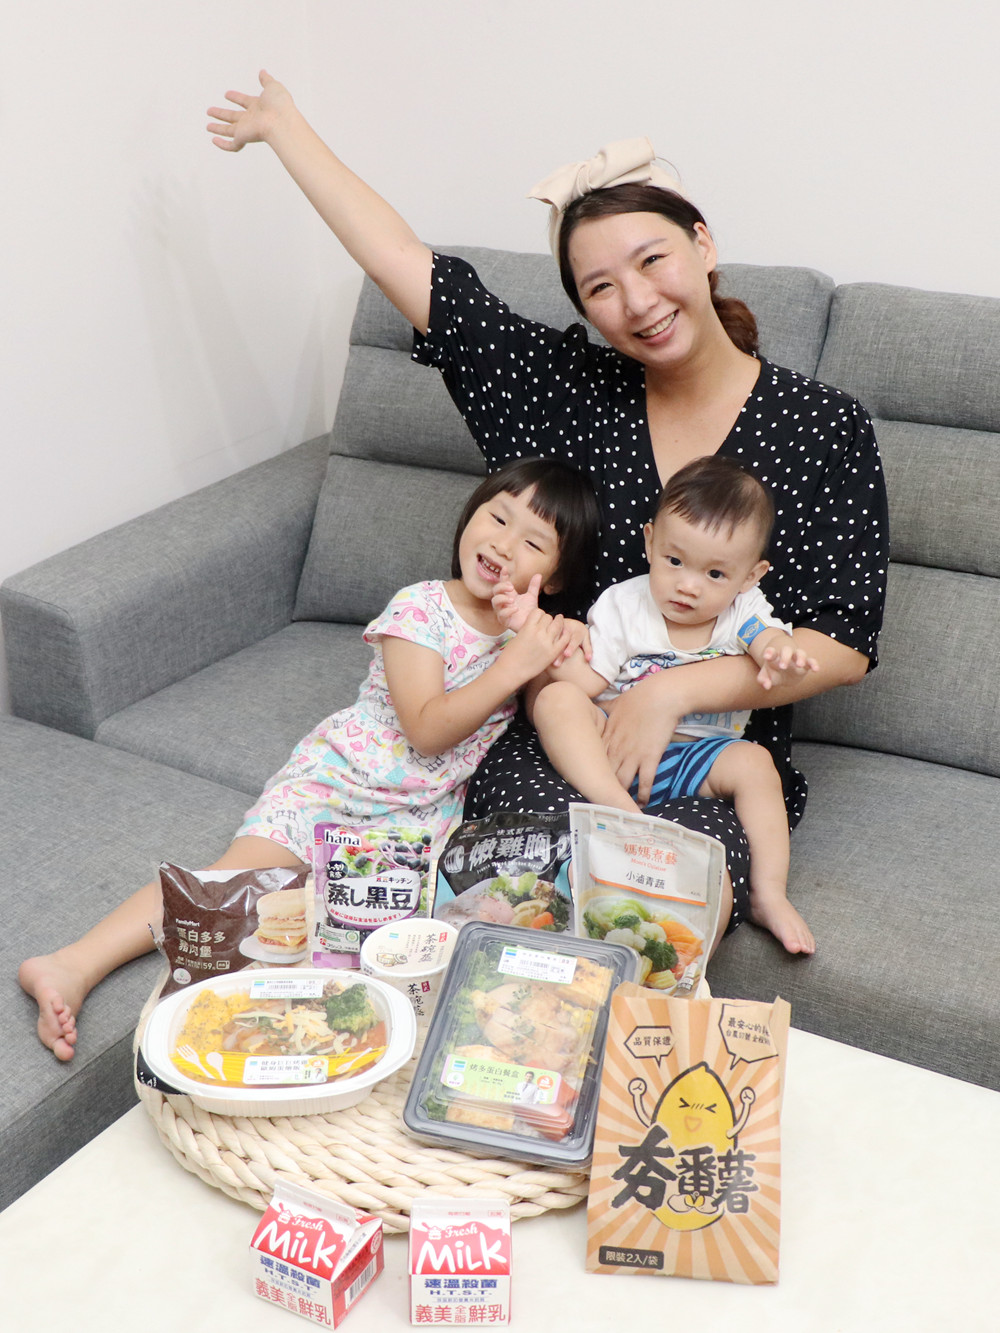 推薦全家健康志向超級大麥系列-蛋白纖食餐提升全家人的保護力